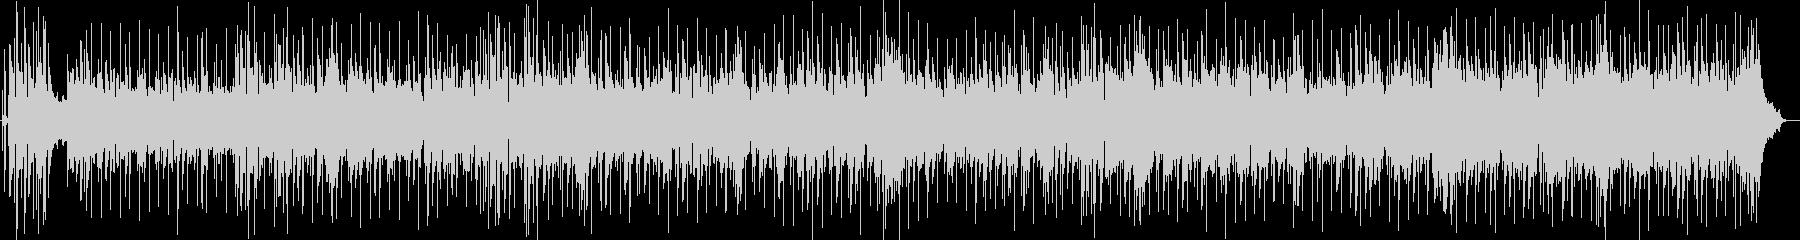 70年代SSWニューミュージック系ポップの未再生の波形